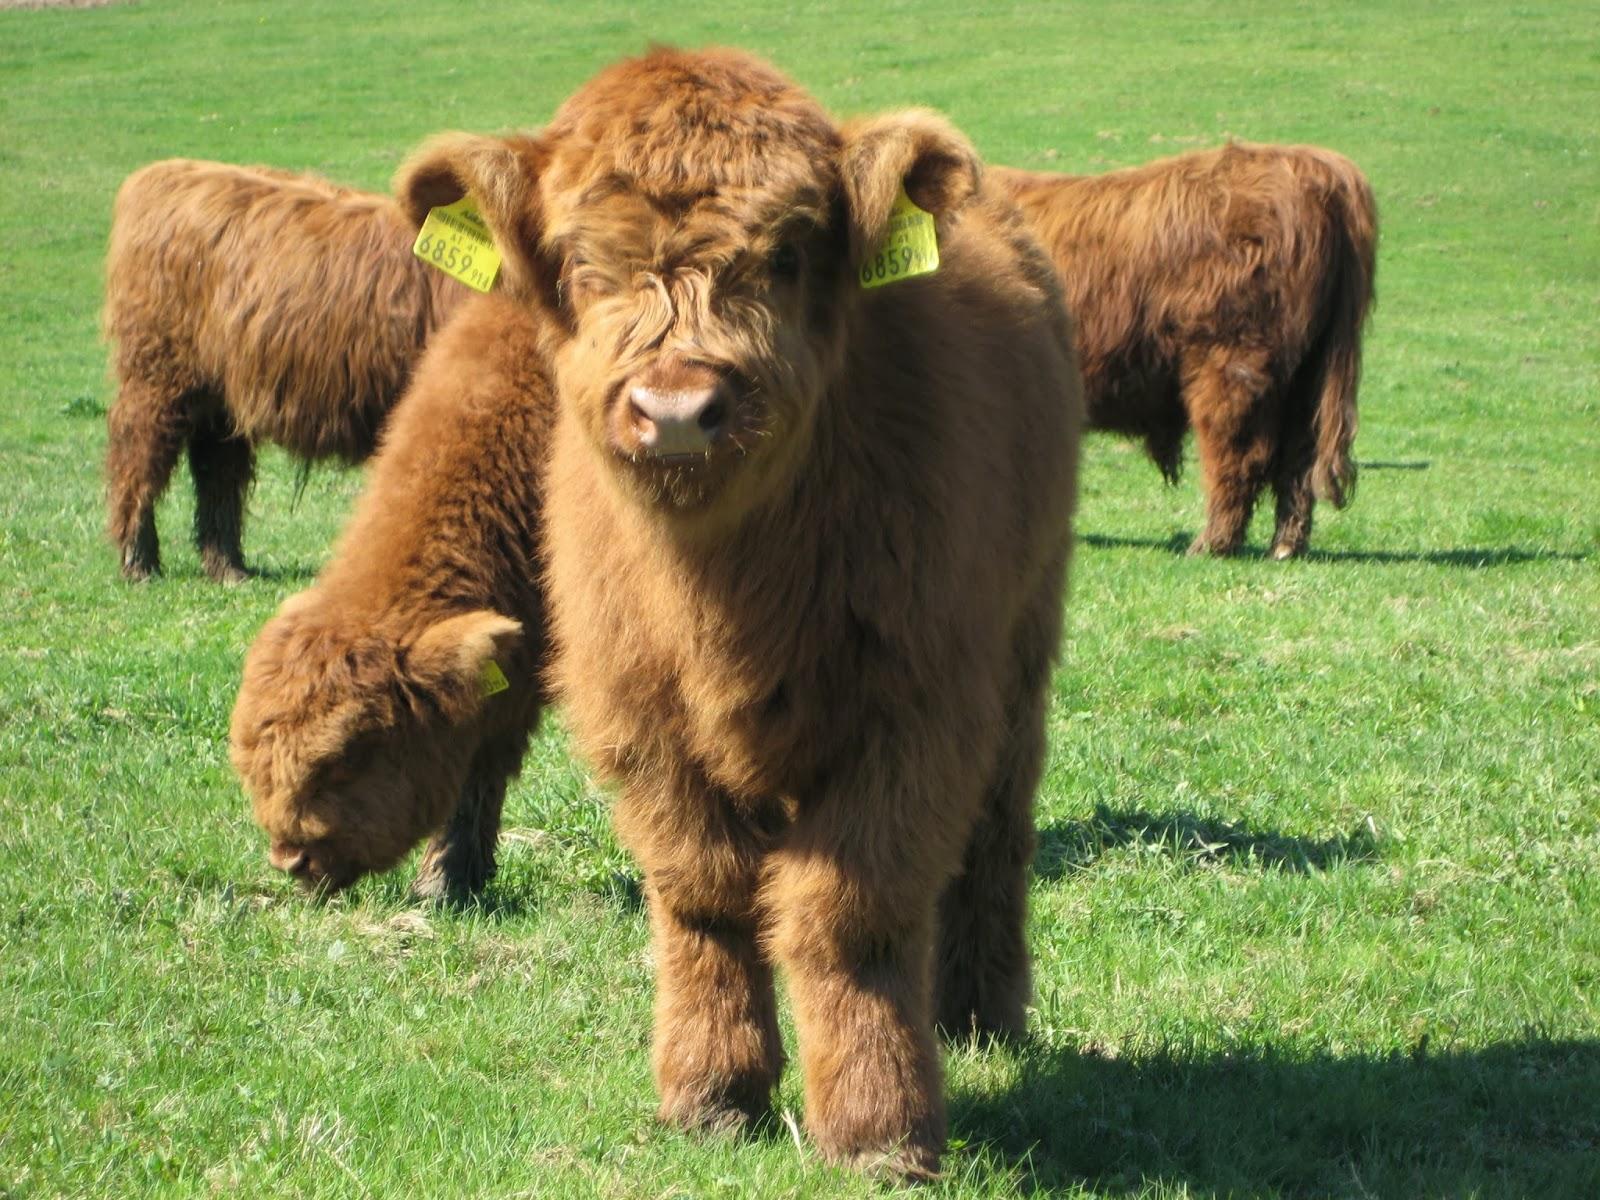 Мини-коровы: обзор пород, их происхождение и характеристики